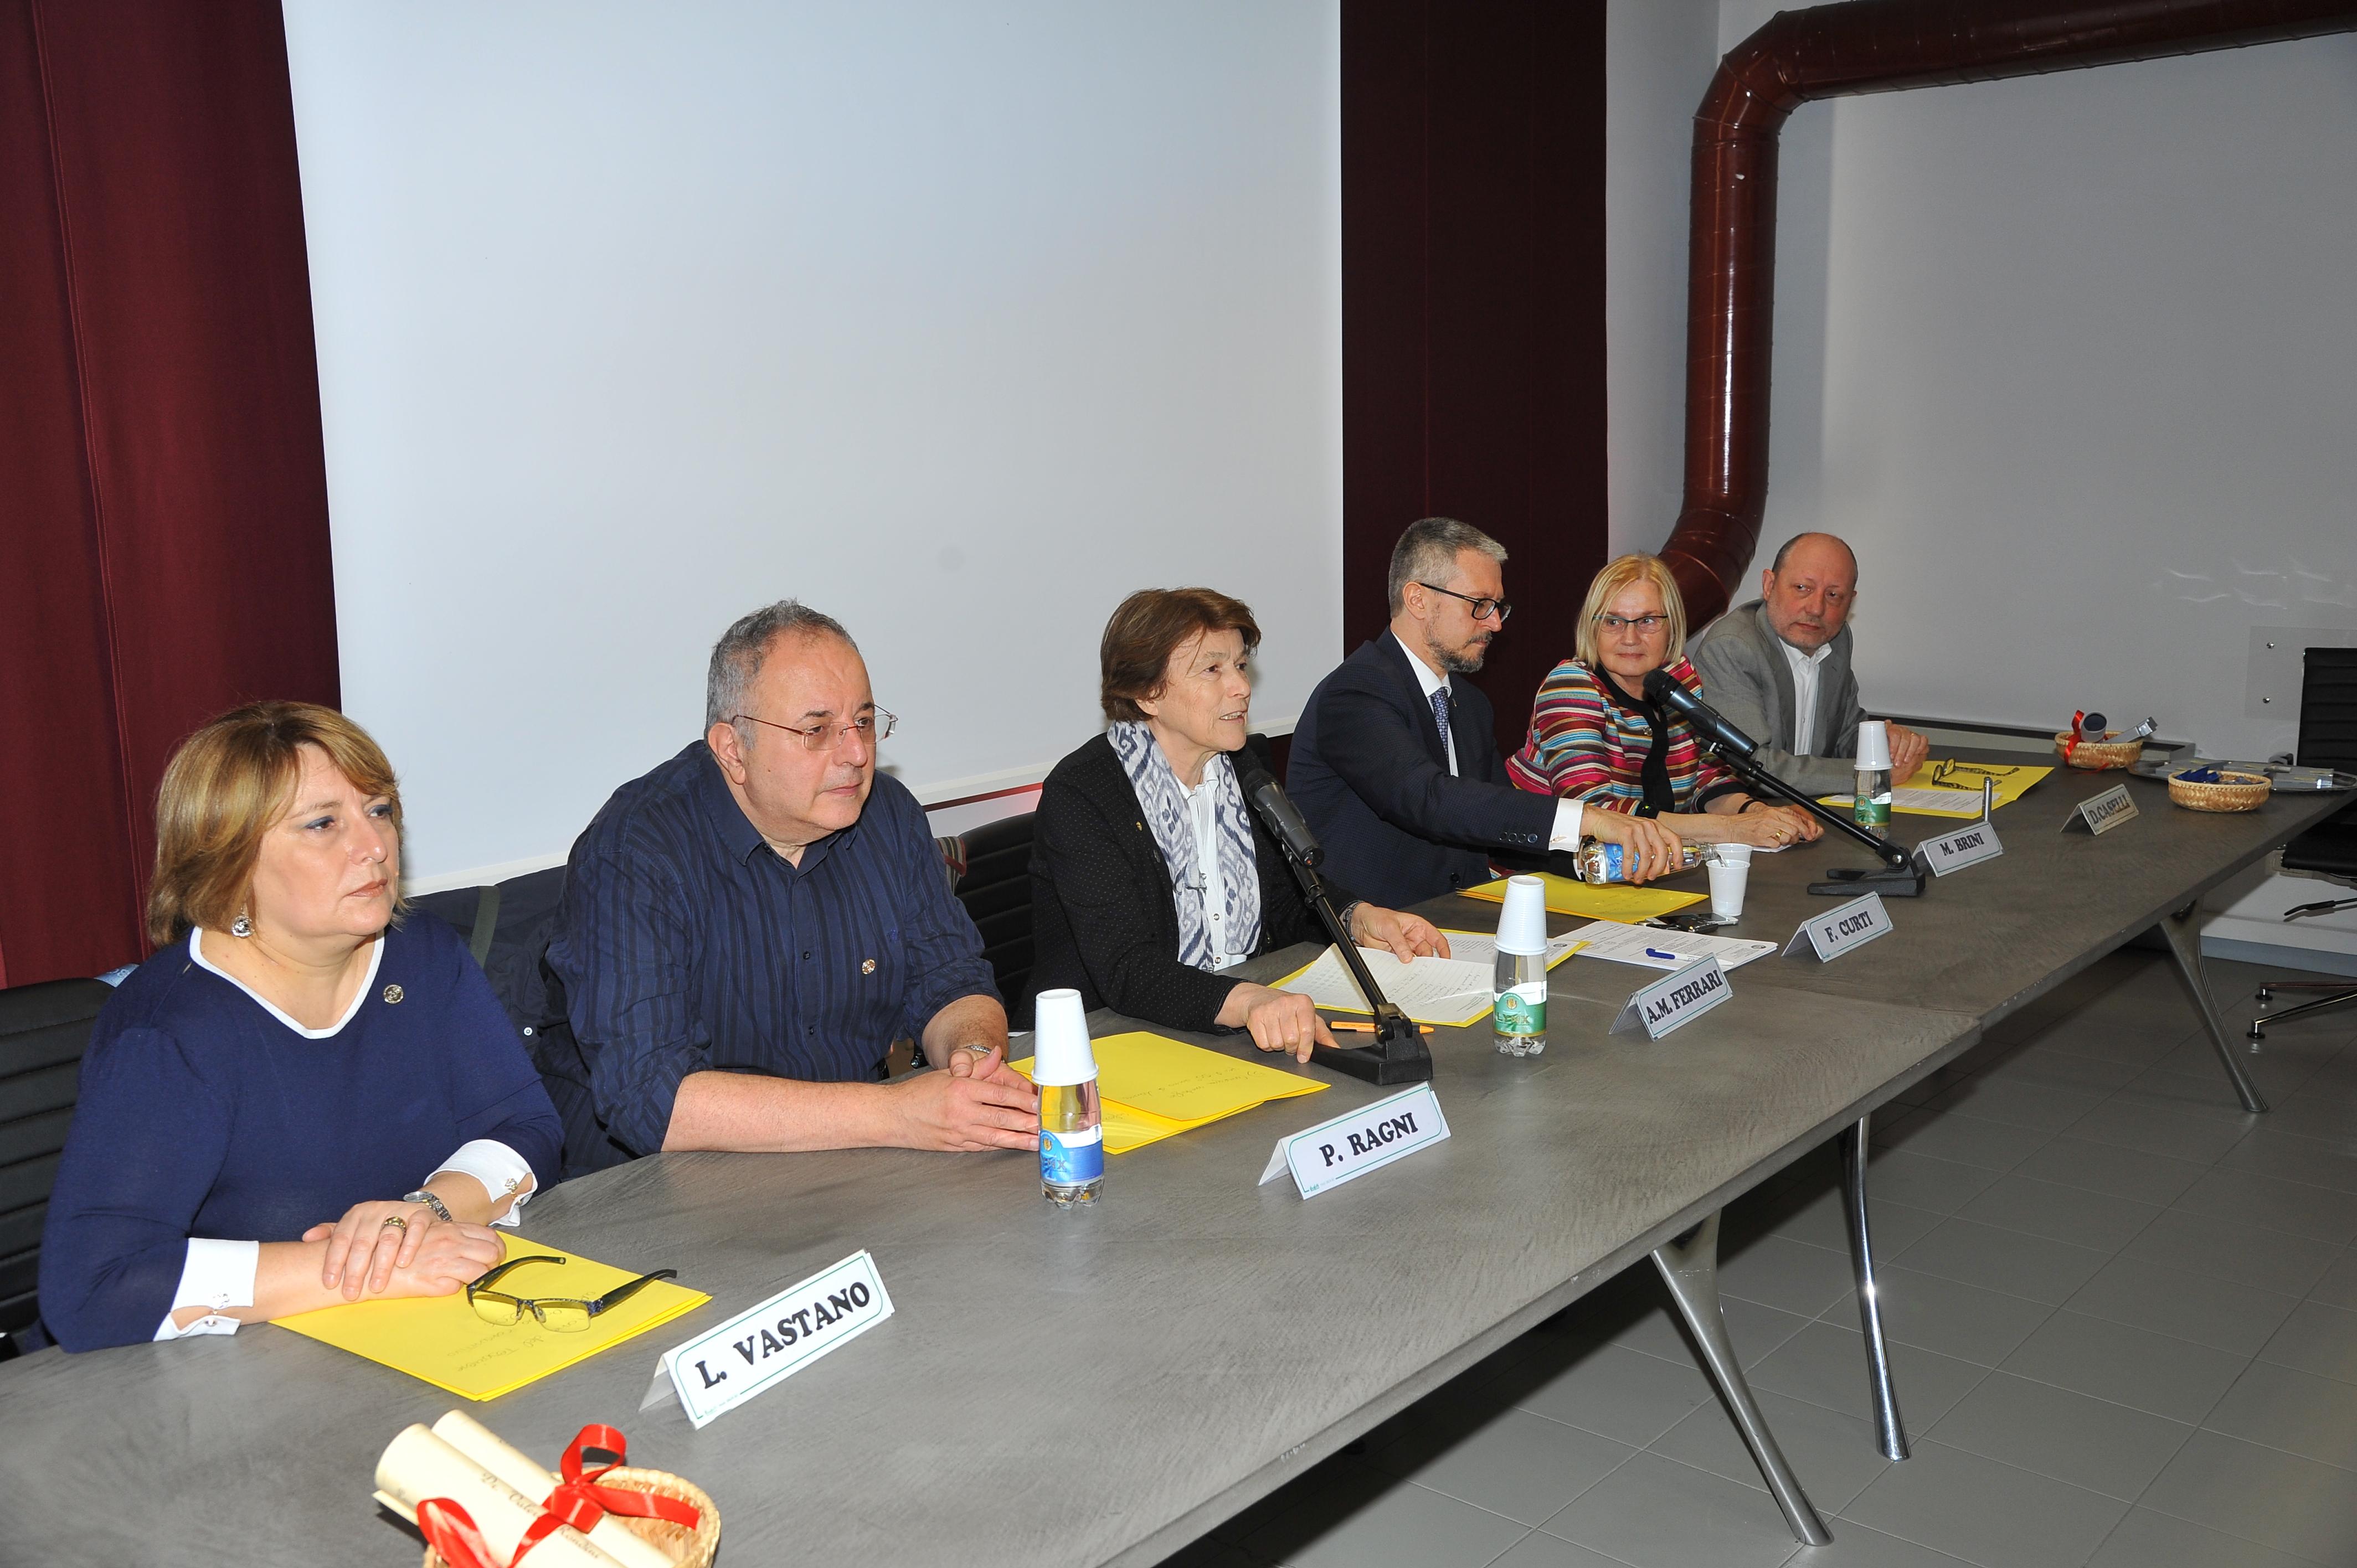 Assemblea Ordinaria Annuale degli Iscritti all'Ordine dei Medici Chirurghi e degli Odontoiatri di Reggio Emilia